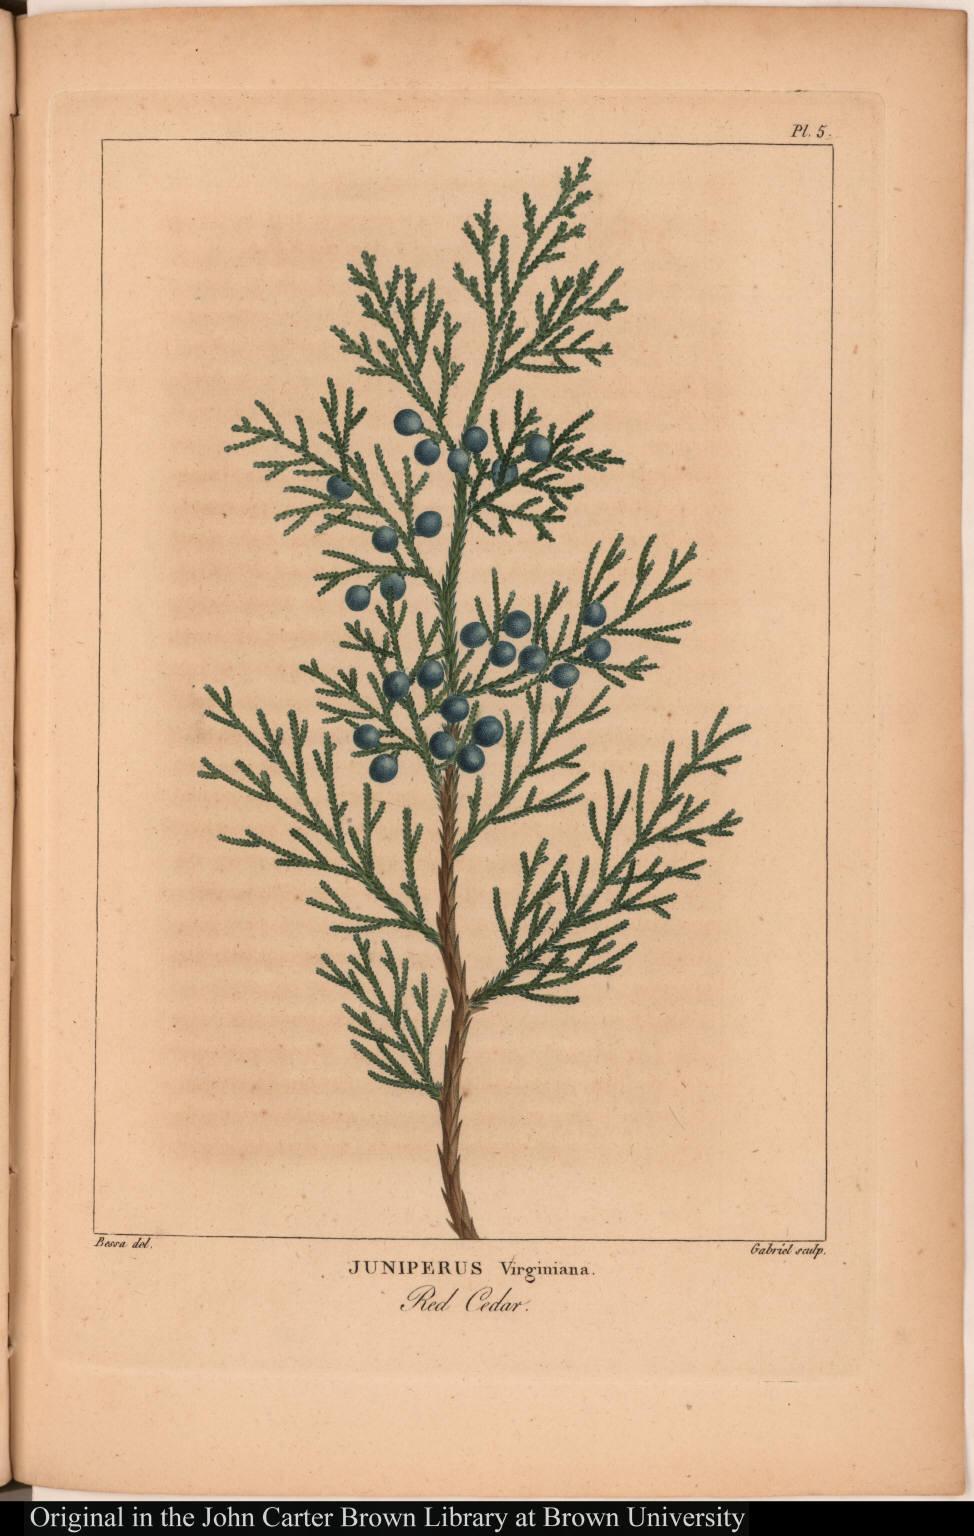 Juniperus Virginiana. Red Cedar.